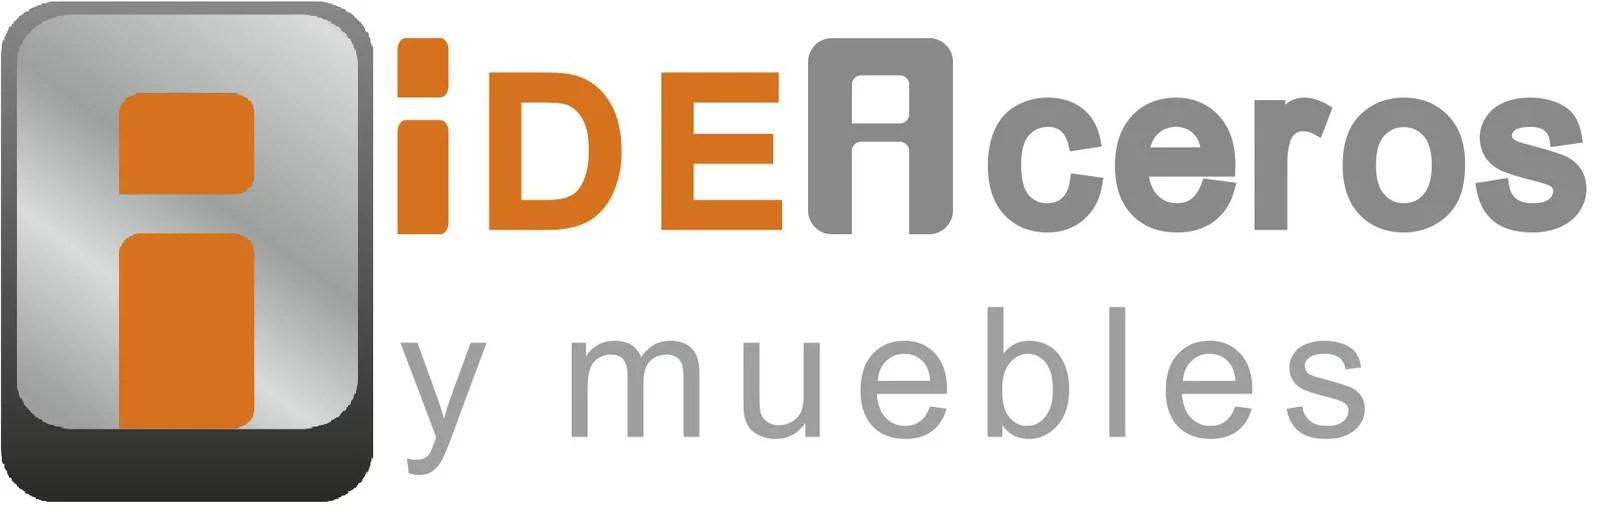 Ideaceros y Muebles - Logo Principal